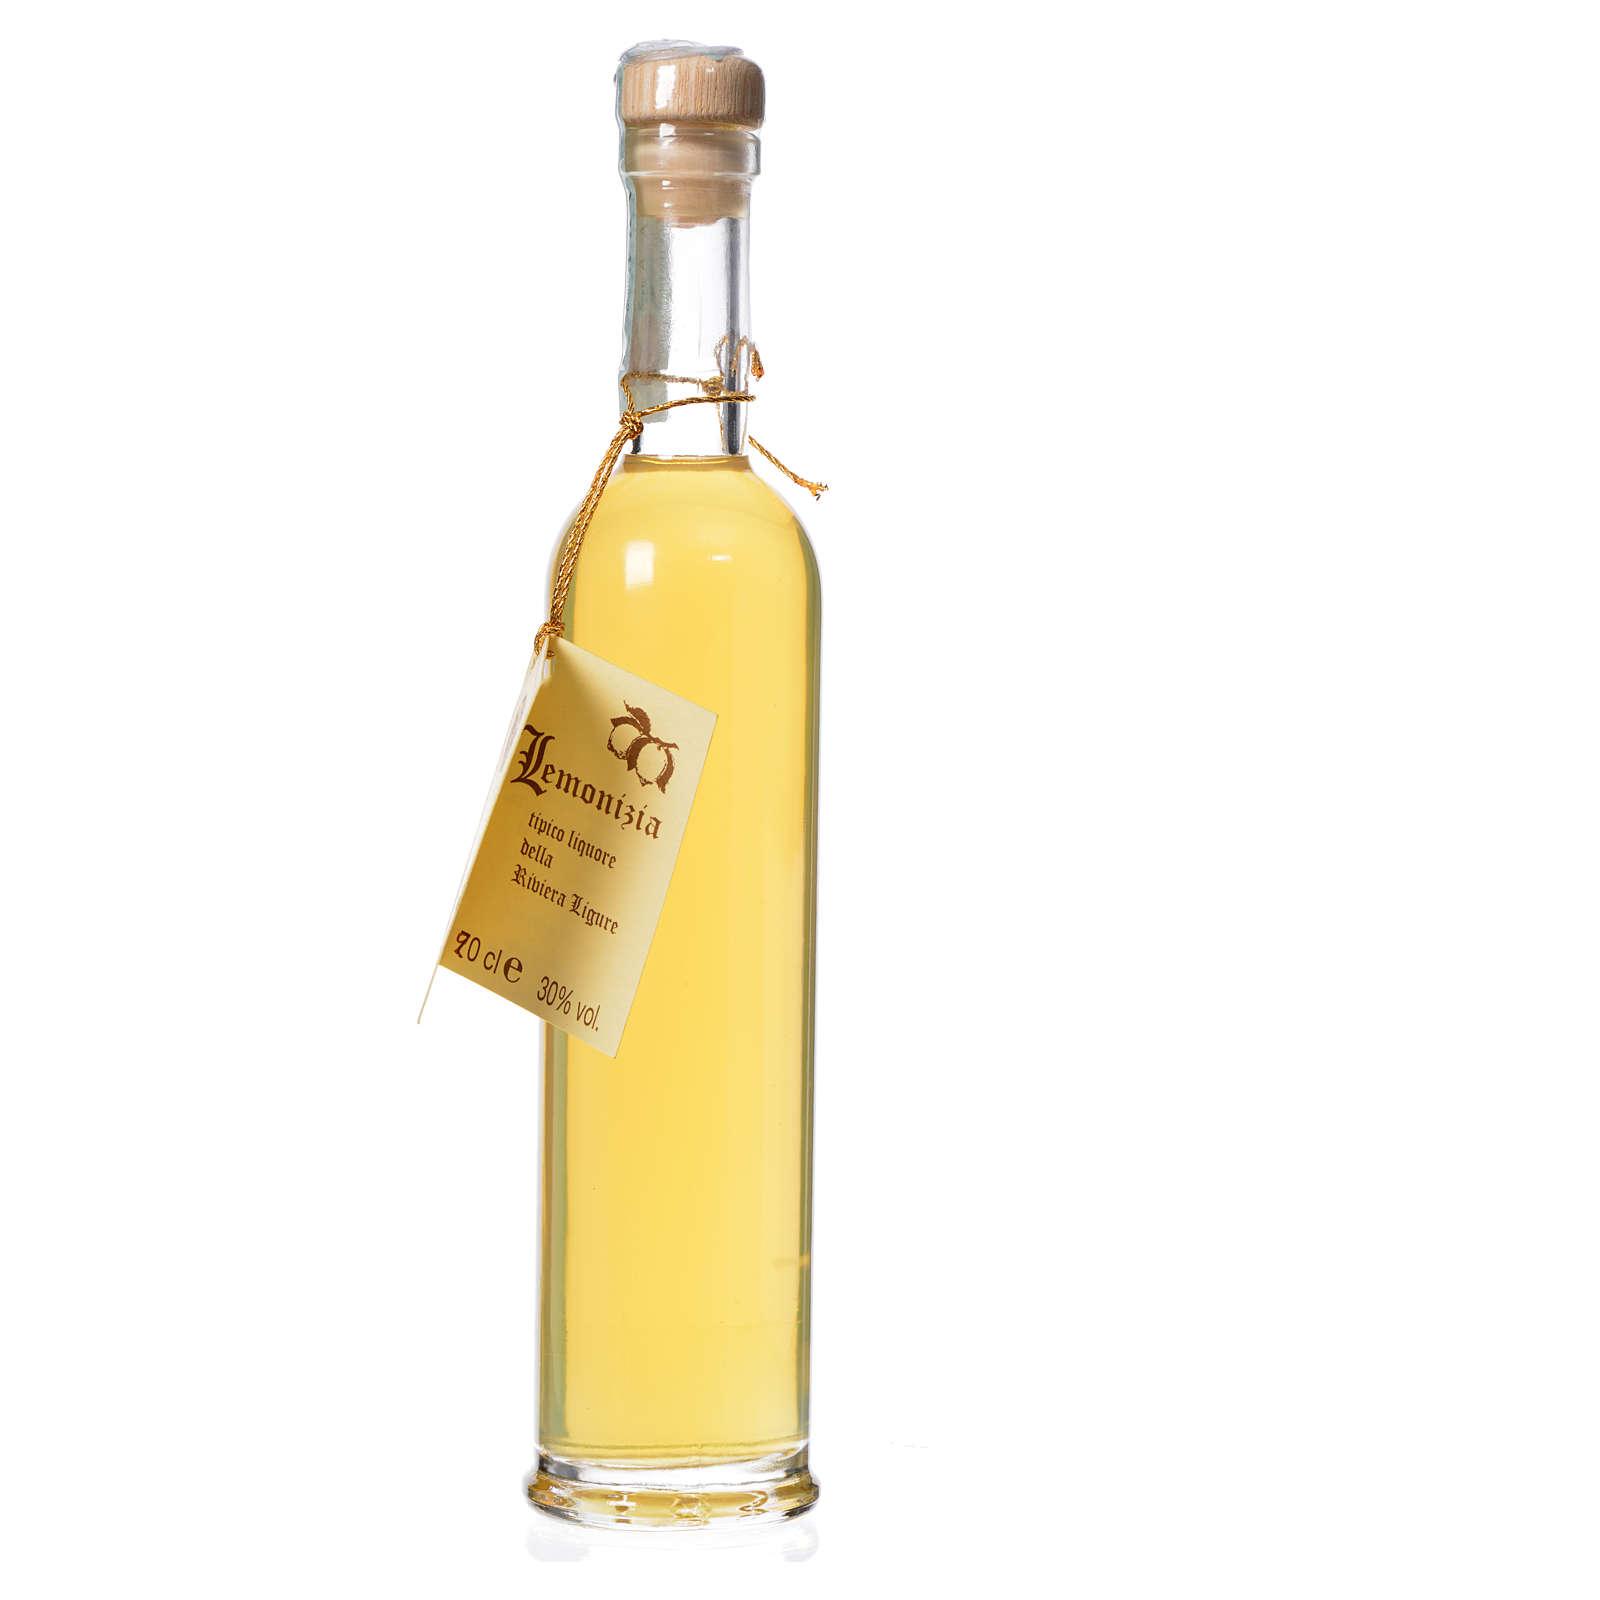 Liqueur, citron, réglisse, Limonizia 3